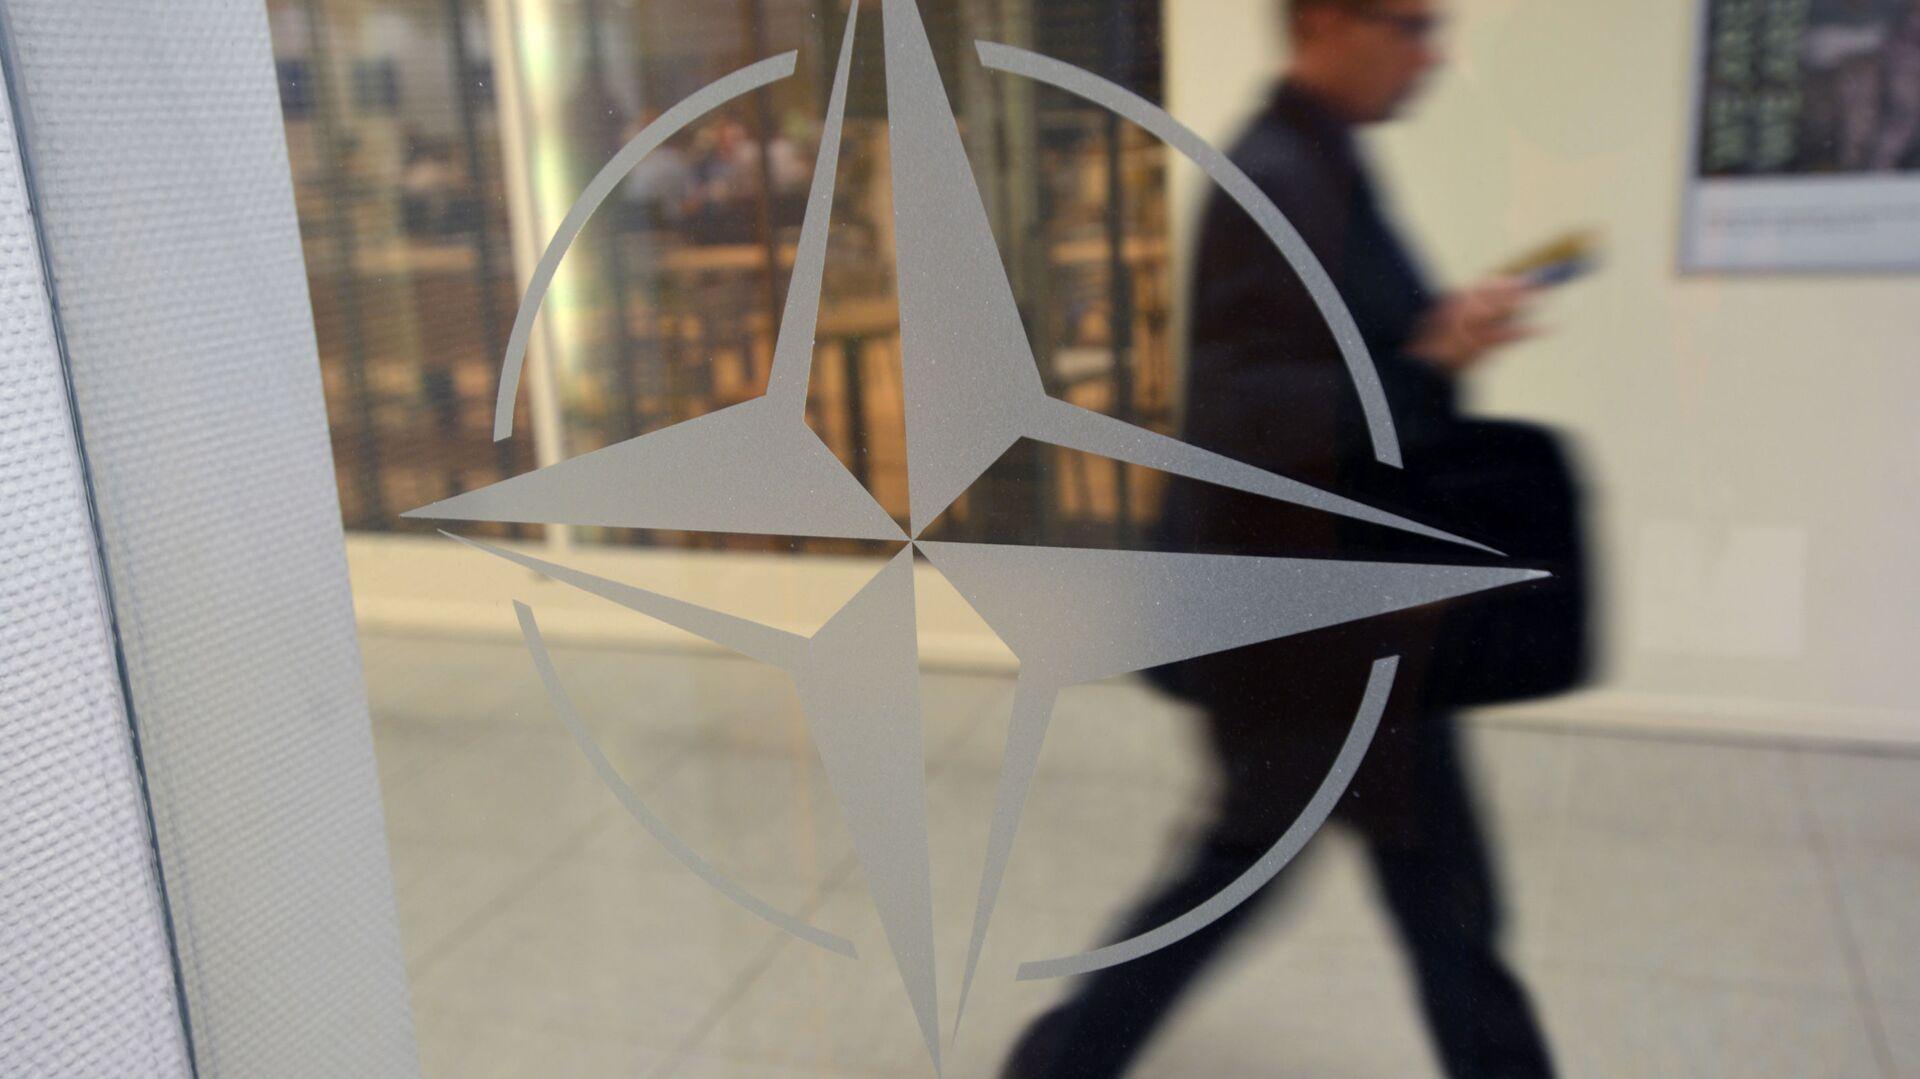 Godło organizacji w siedzibie głównej NATO w Brukseli, Belgia - Sputnik Polska, 1920, 17.09.2021